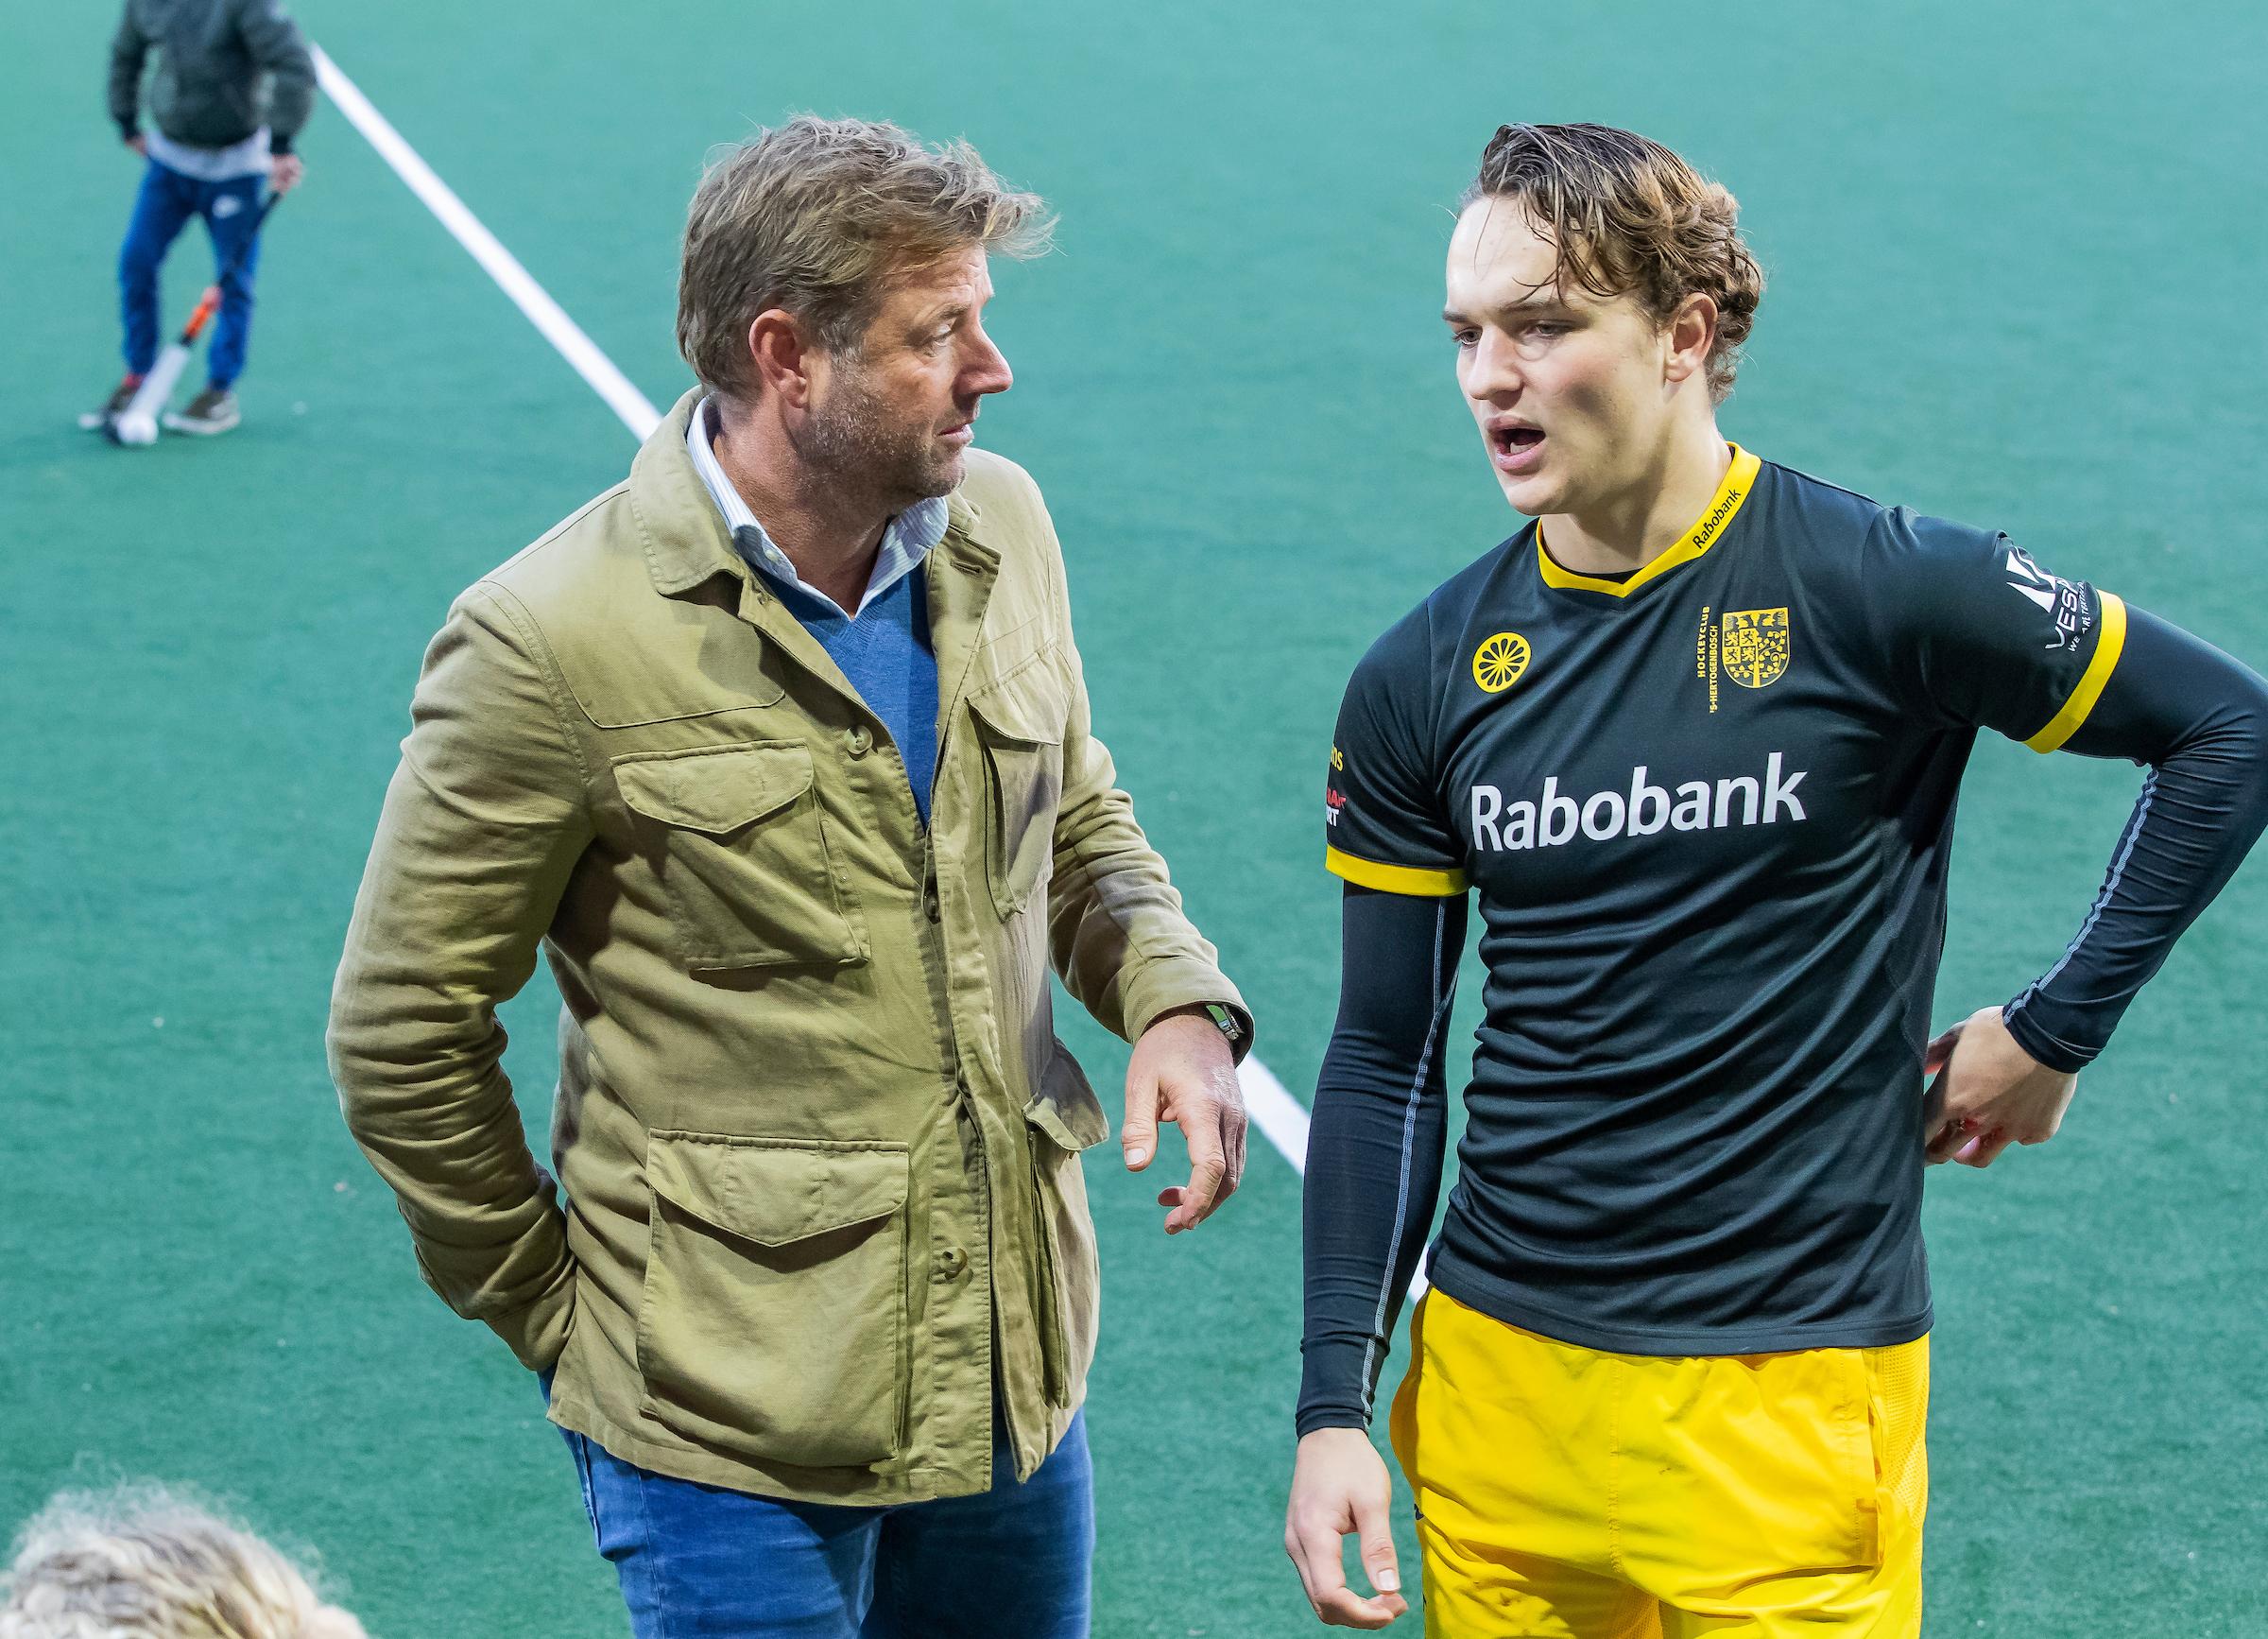 Foto Koen Suyk - www.hockey.nl